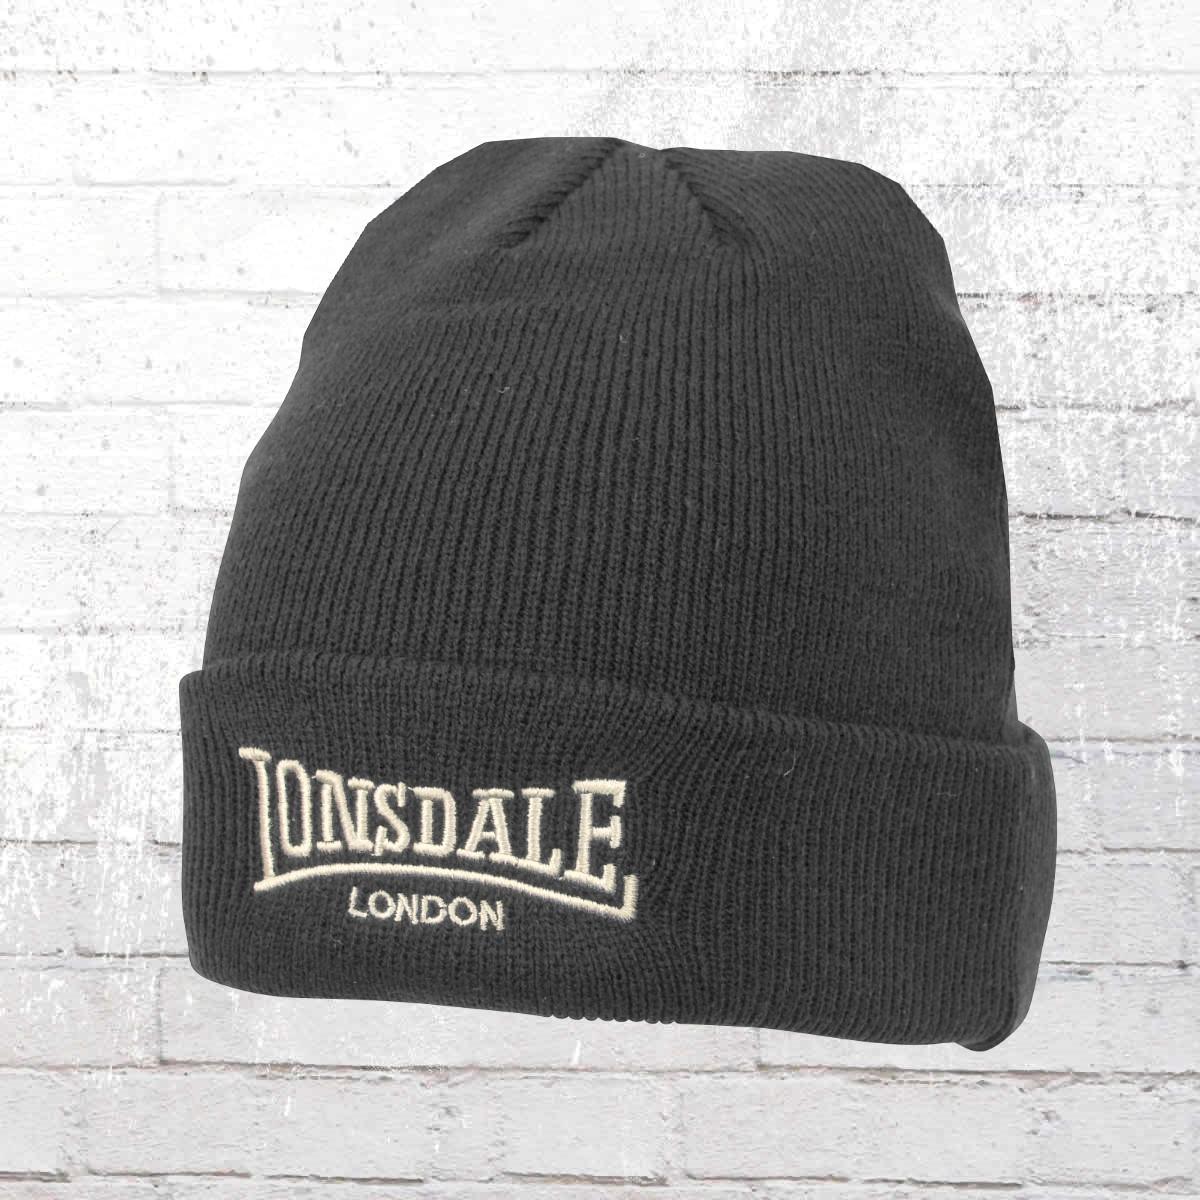 Lonsdale London Strick Mütze Bob Hat Beanie grau